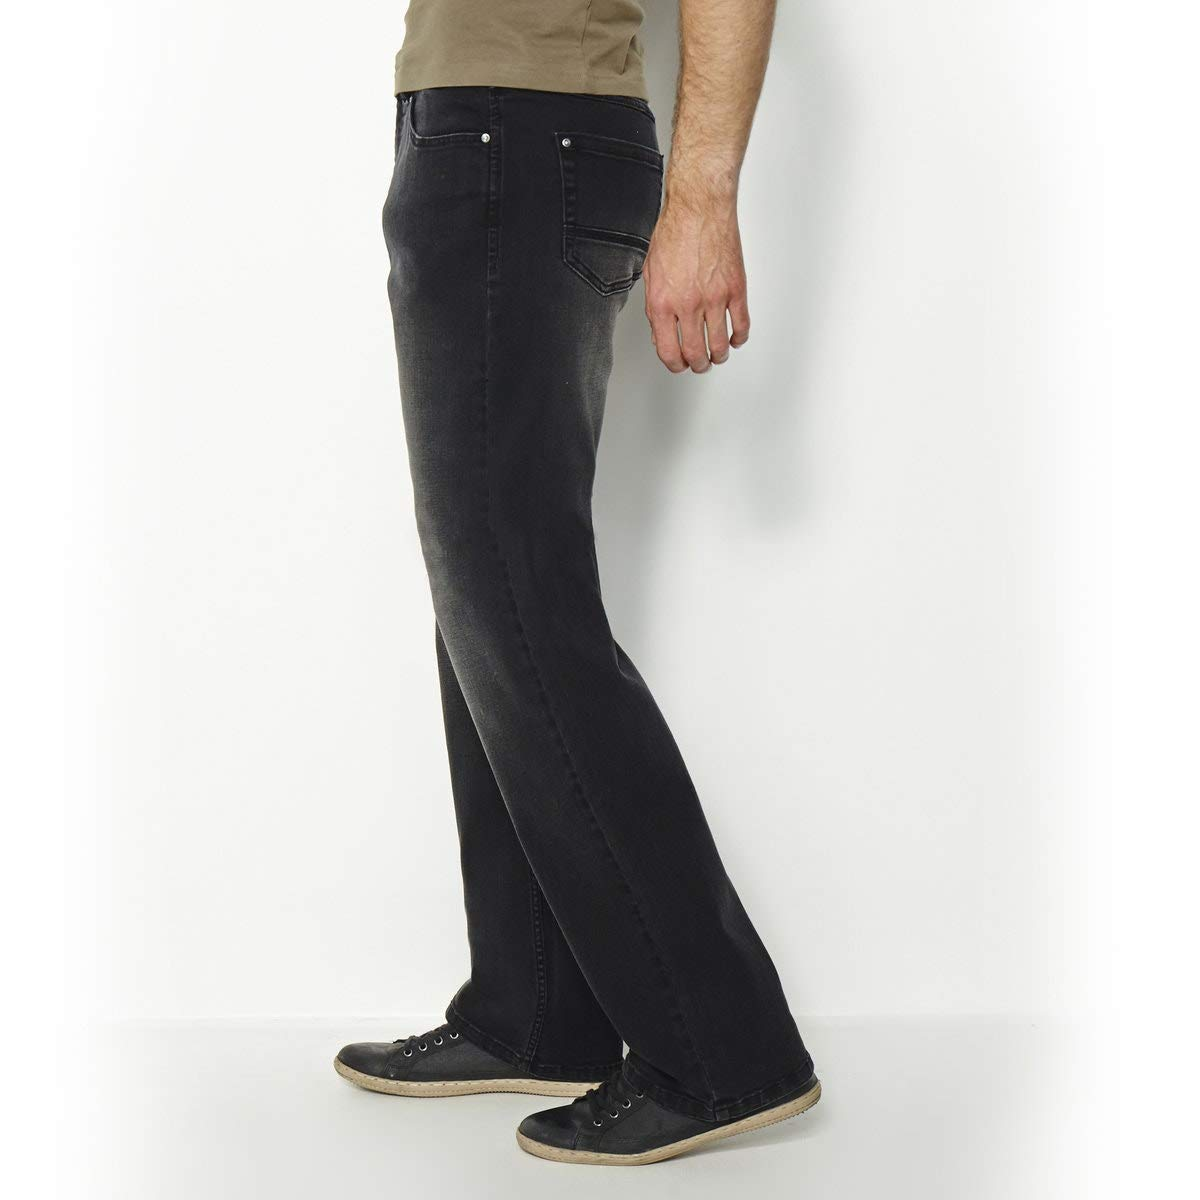 La Redoute Castaluna for Men Mens Elasticated Waist Stretch Jeans Length 33